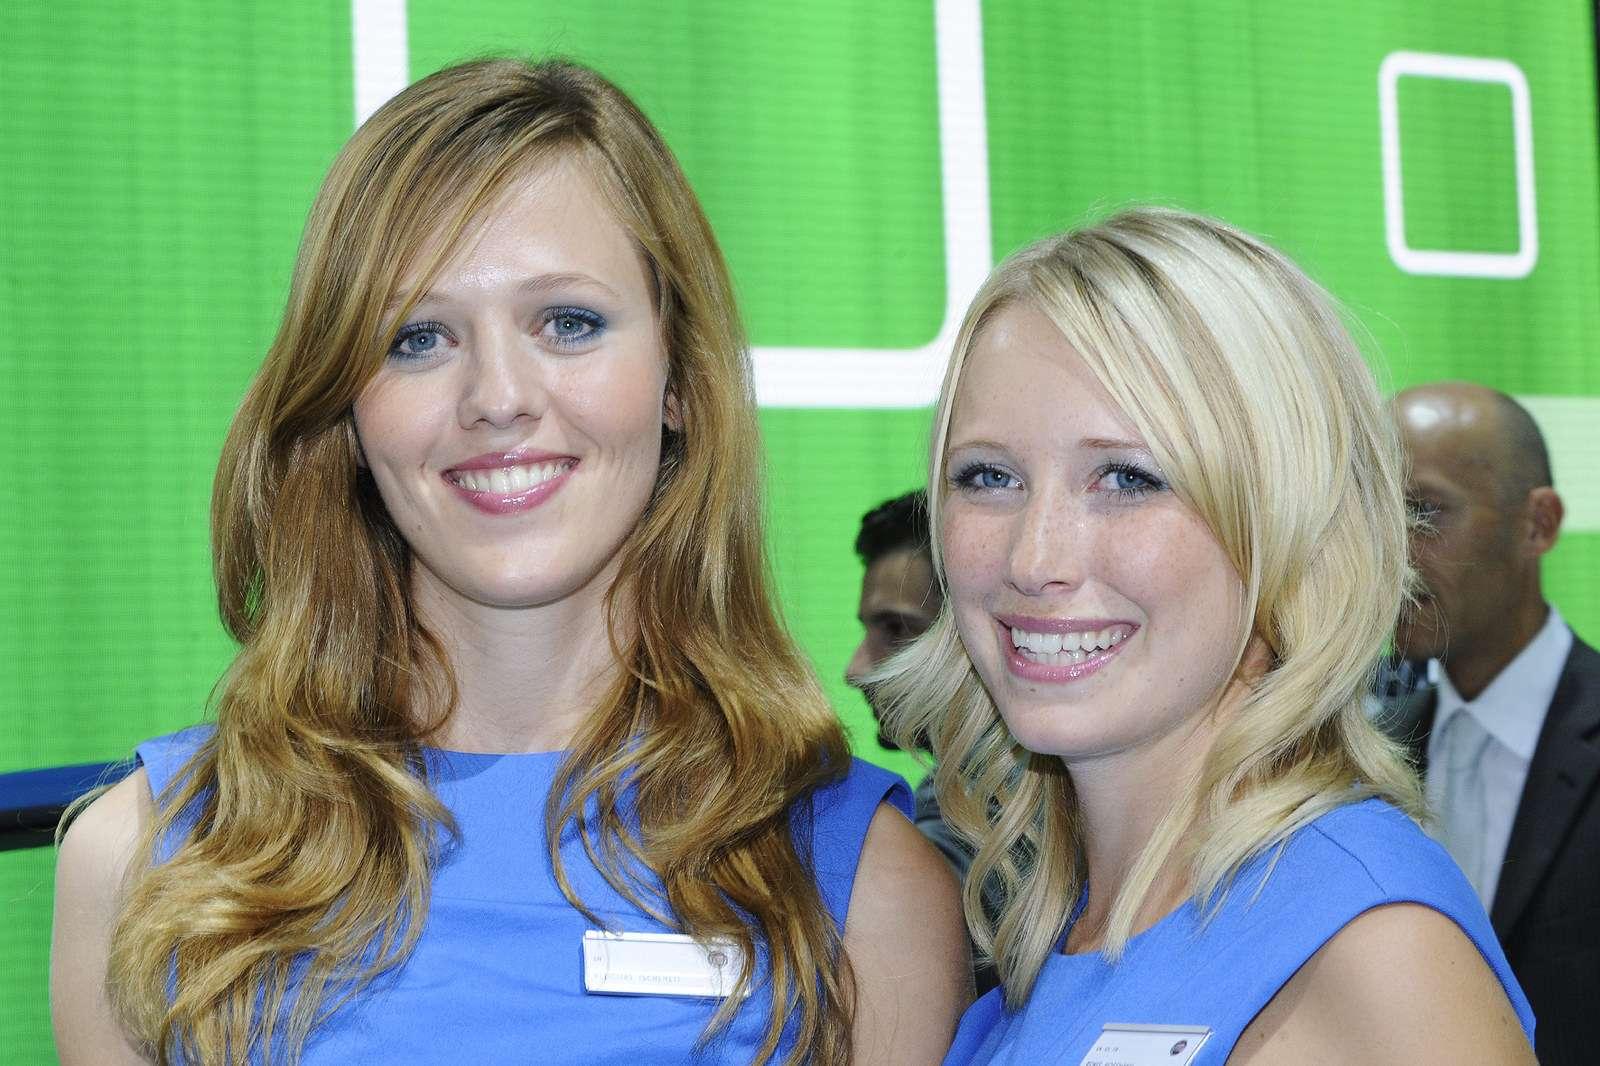 Dziewczyny Frankfurt 2011 wrzesien 2011